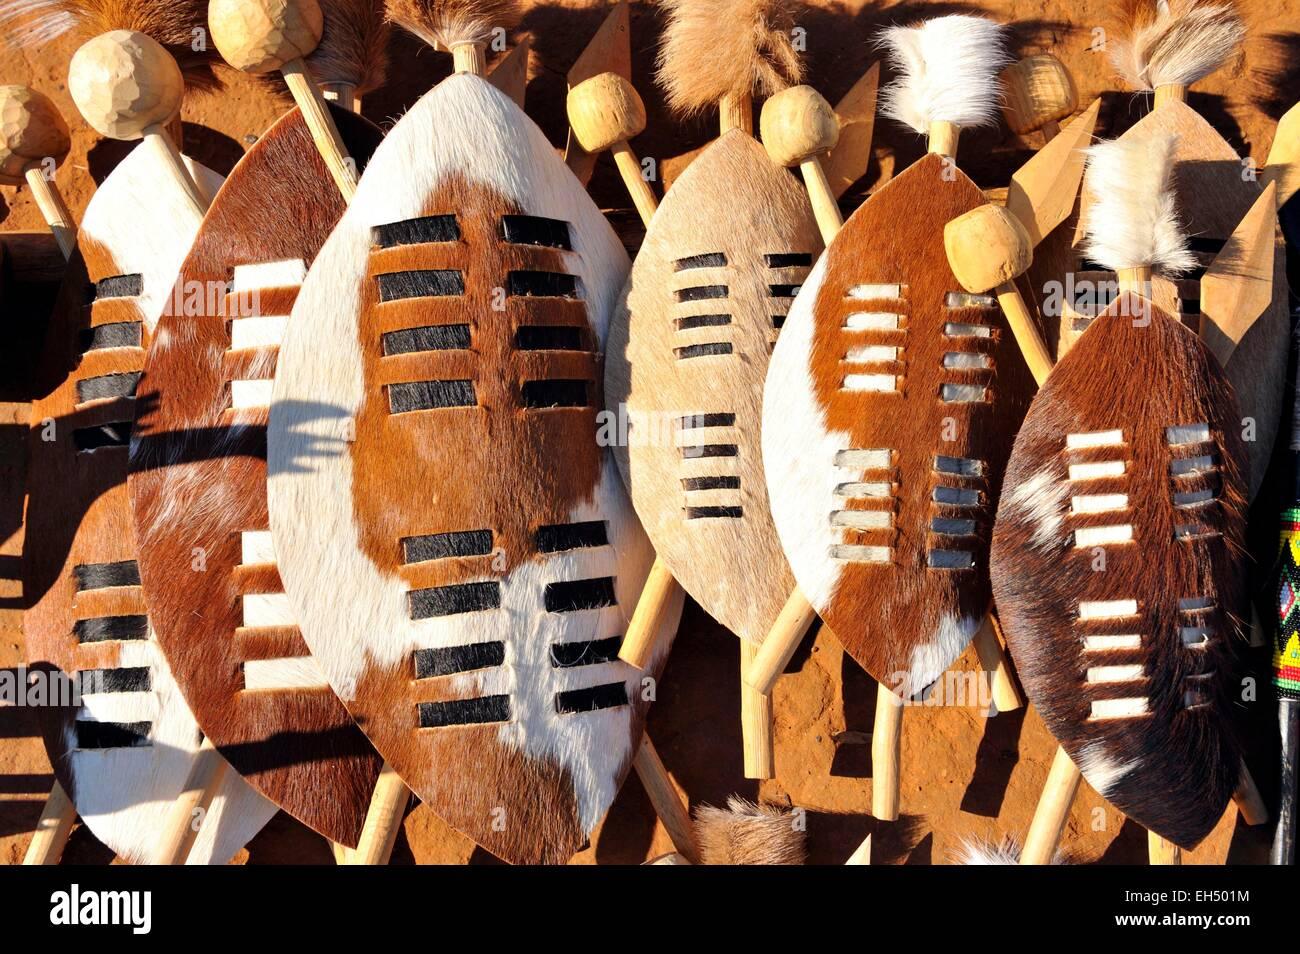 South Africa, Kwazulu Natal, Eshowe, Zululand, Shakaland, shields - Stock Image